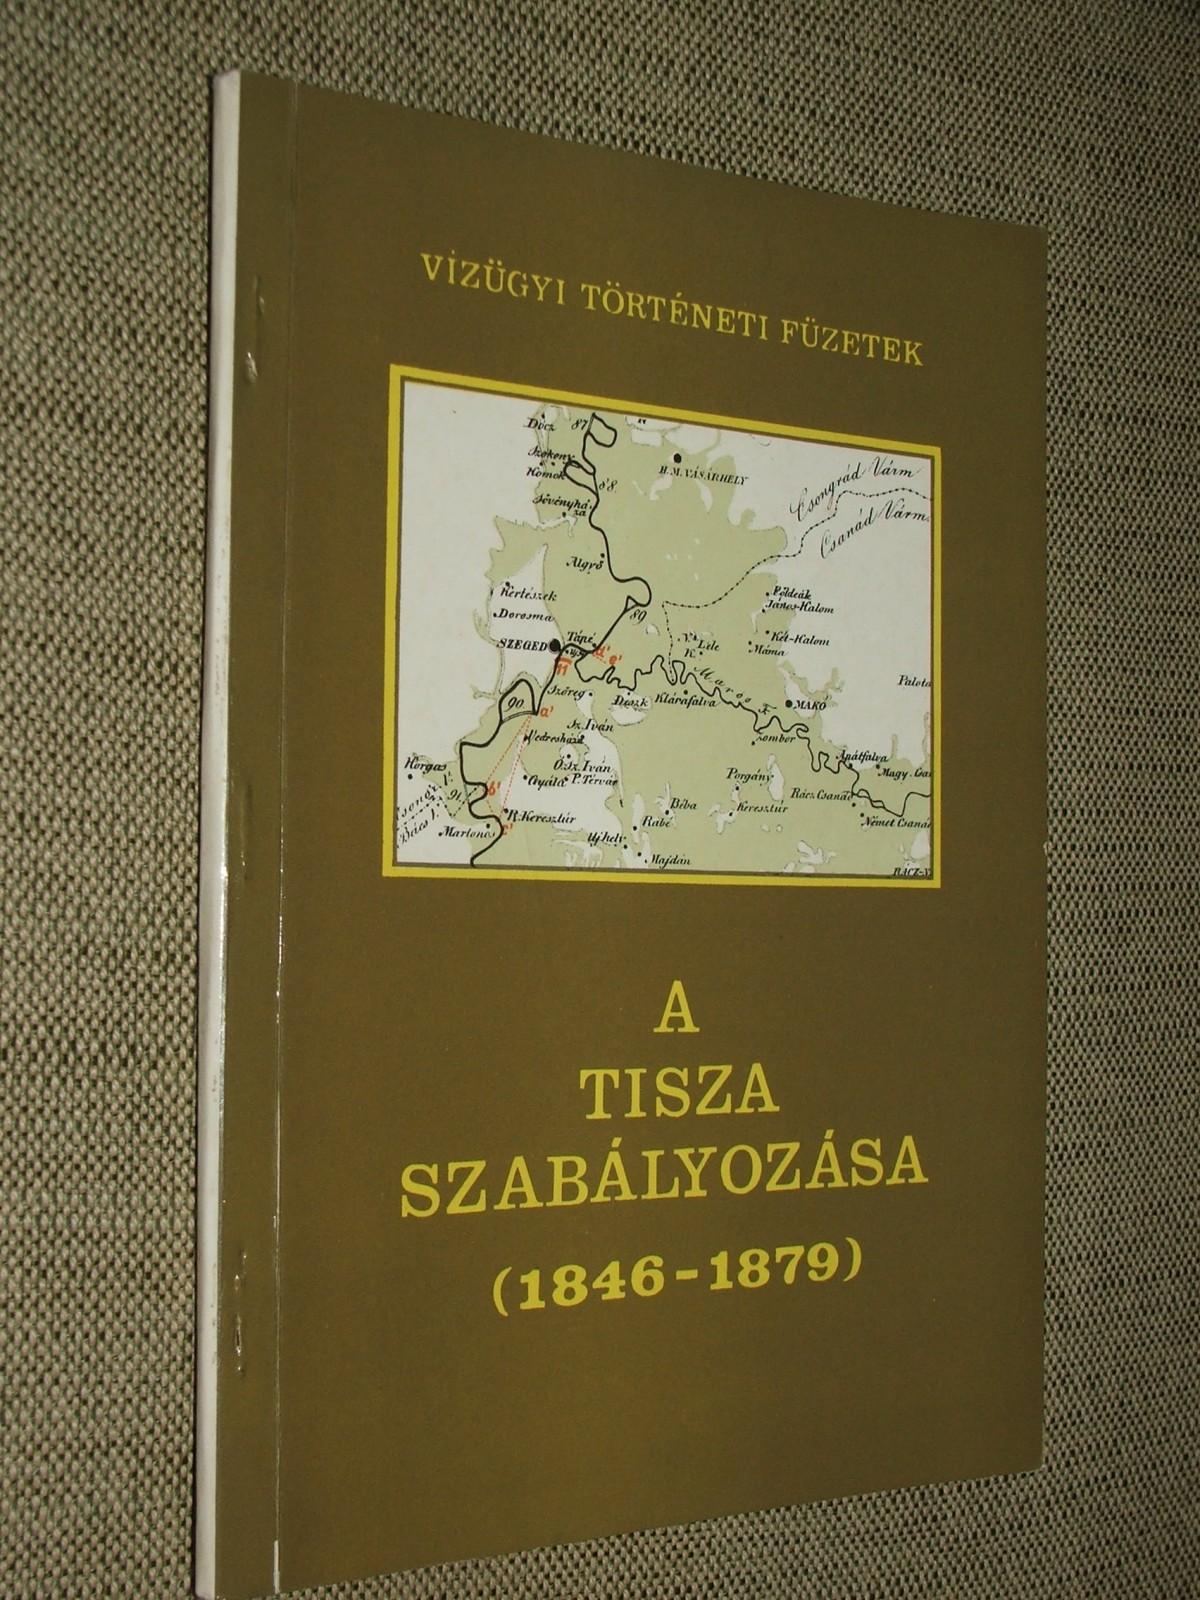 BOTÁR Imre-KÁROLYI Zsigmond: A Tisza szabályozása I. rész (1846-1879)